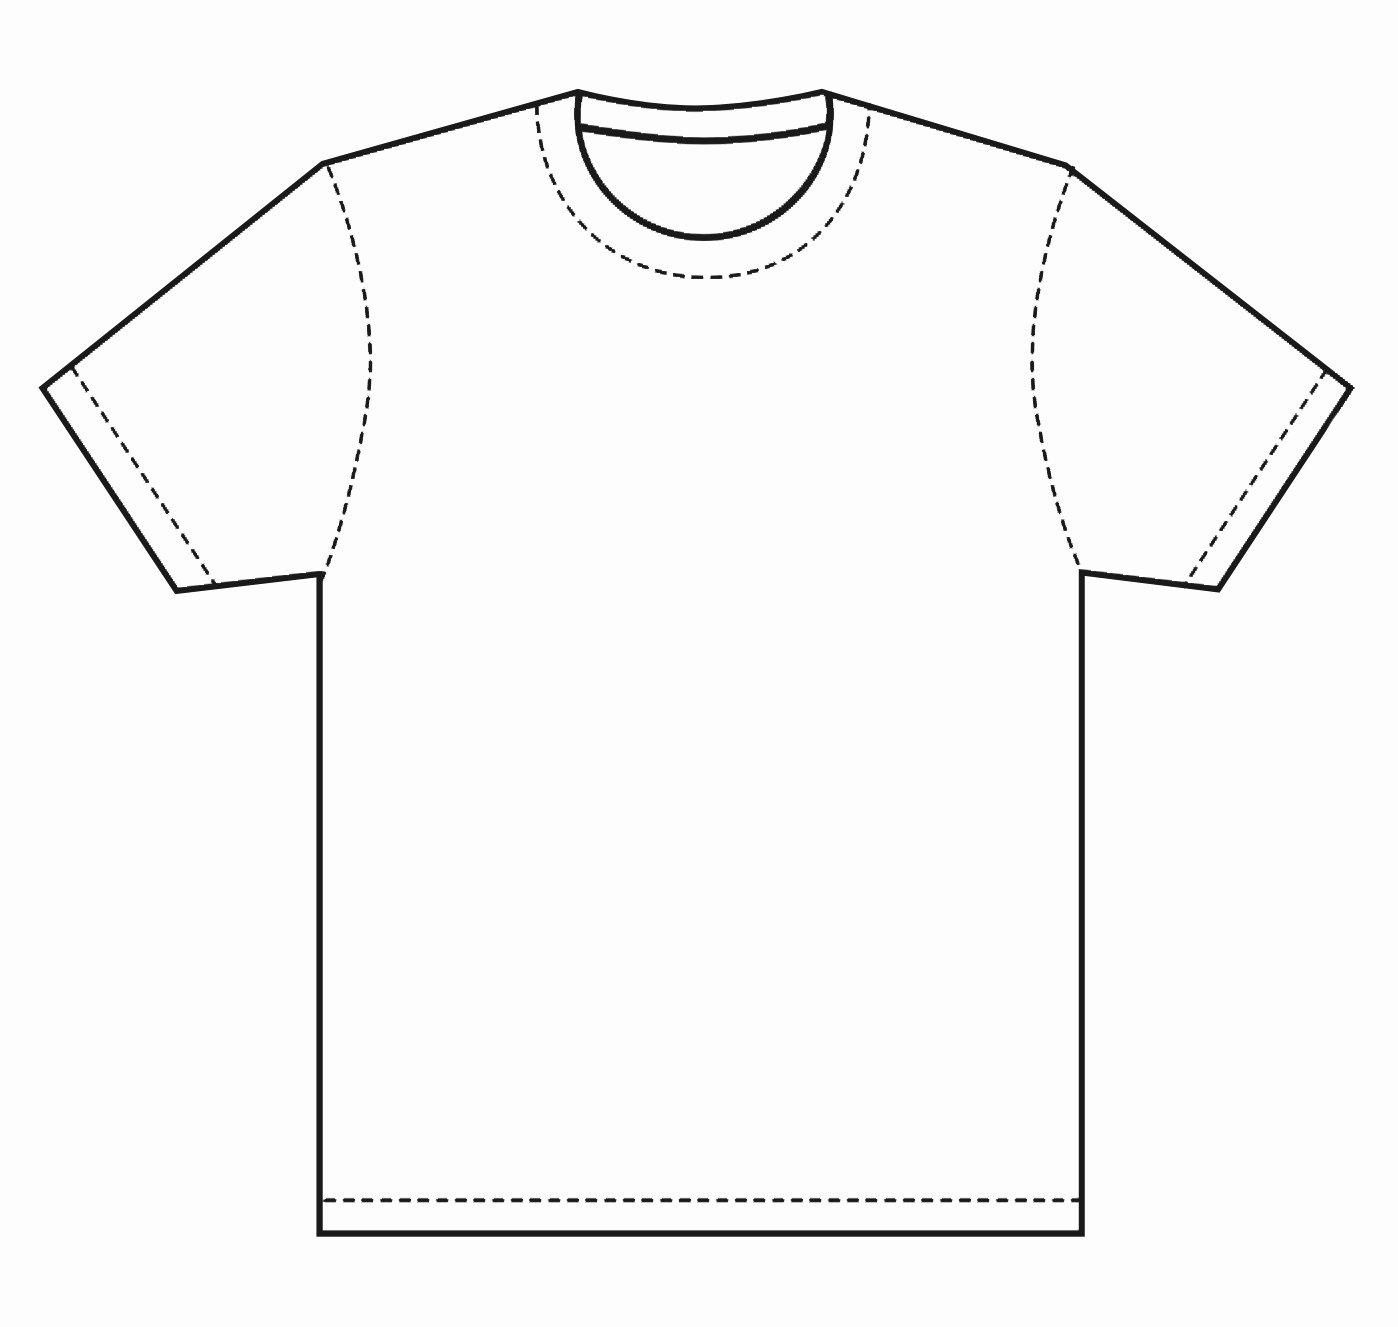 T Shirt Template Illustrator Lovely T Shirt Template Illustrator